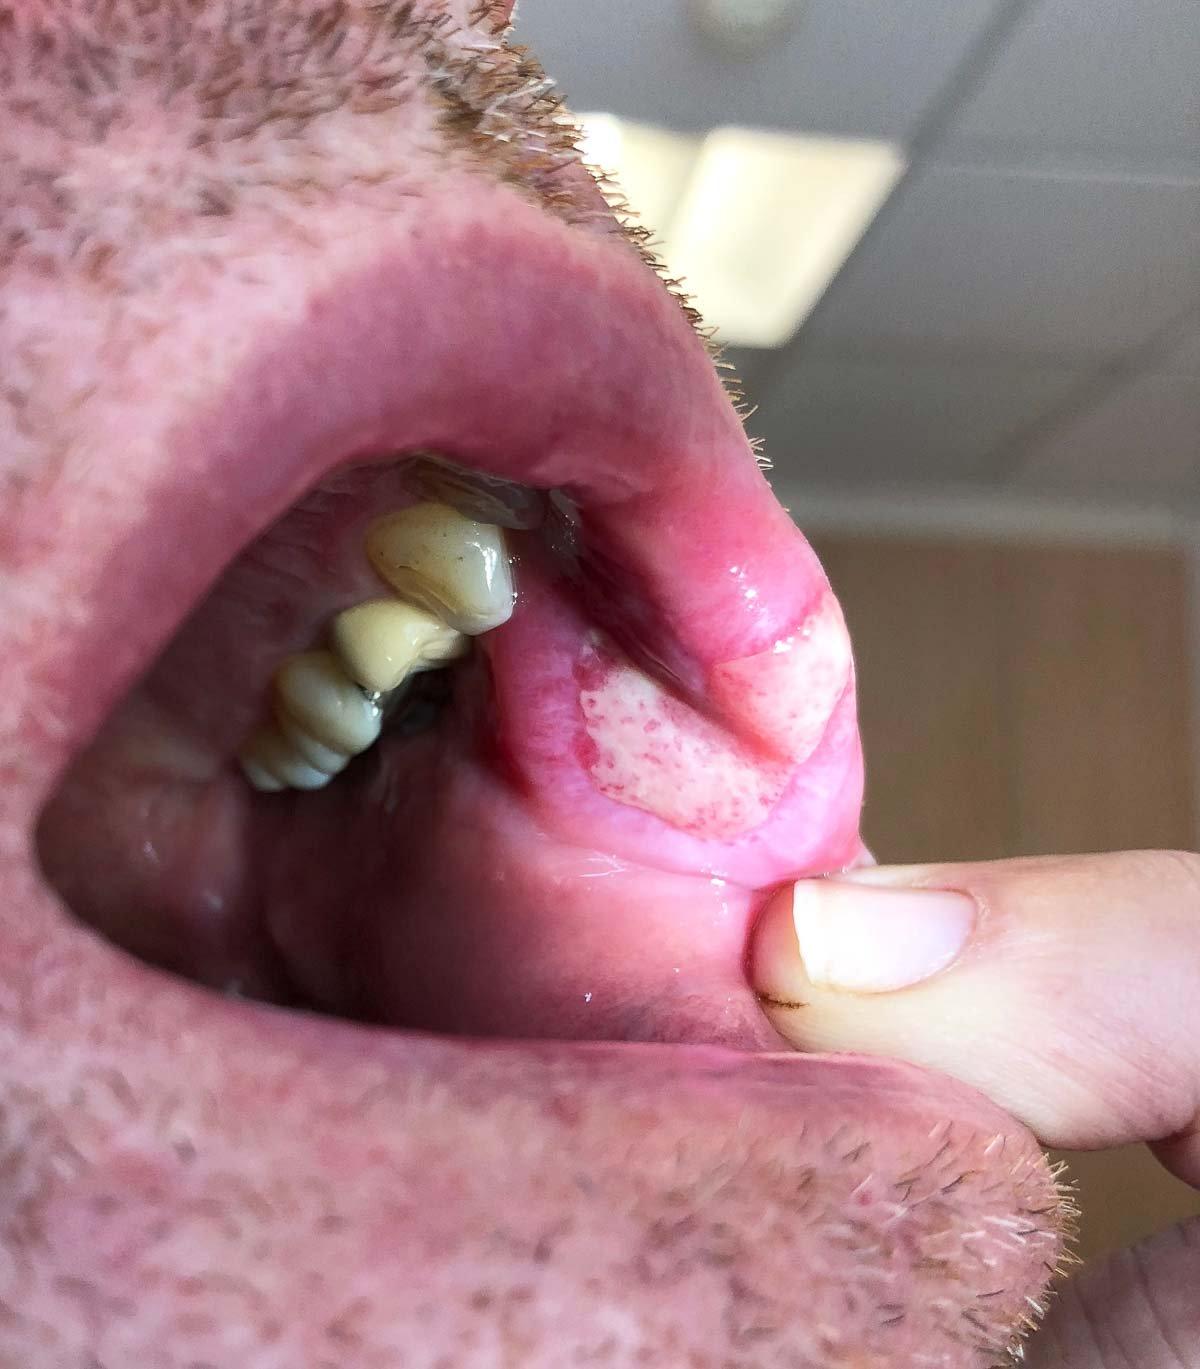 Syphilis: Läsion im Mundraum